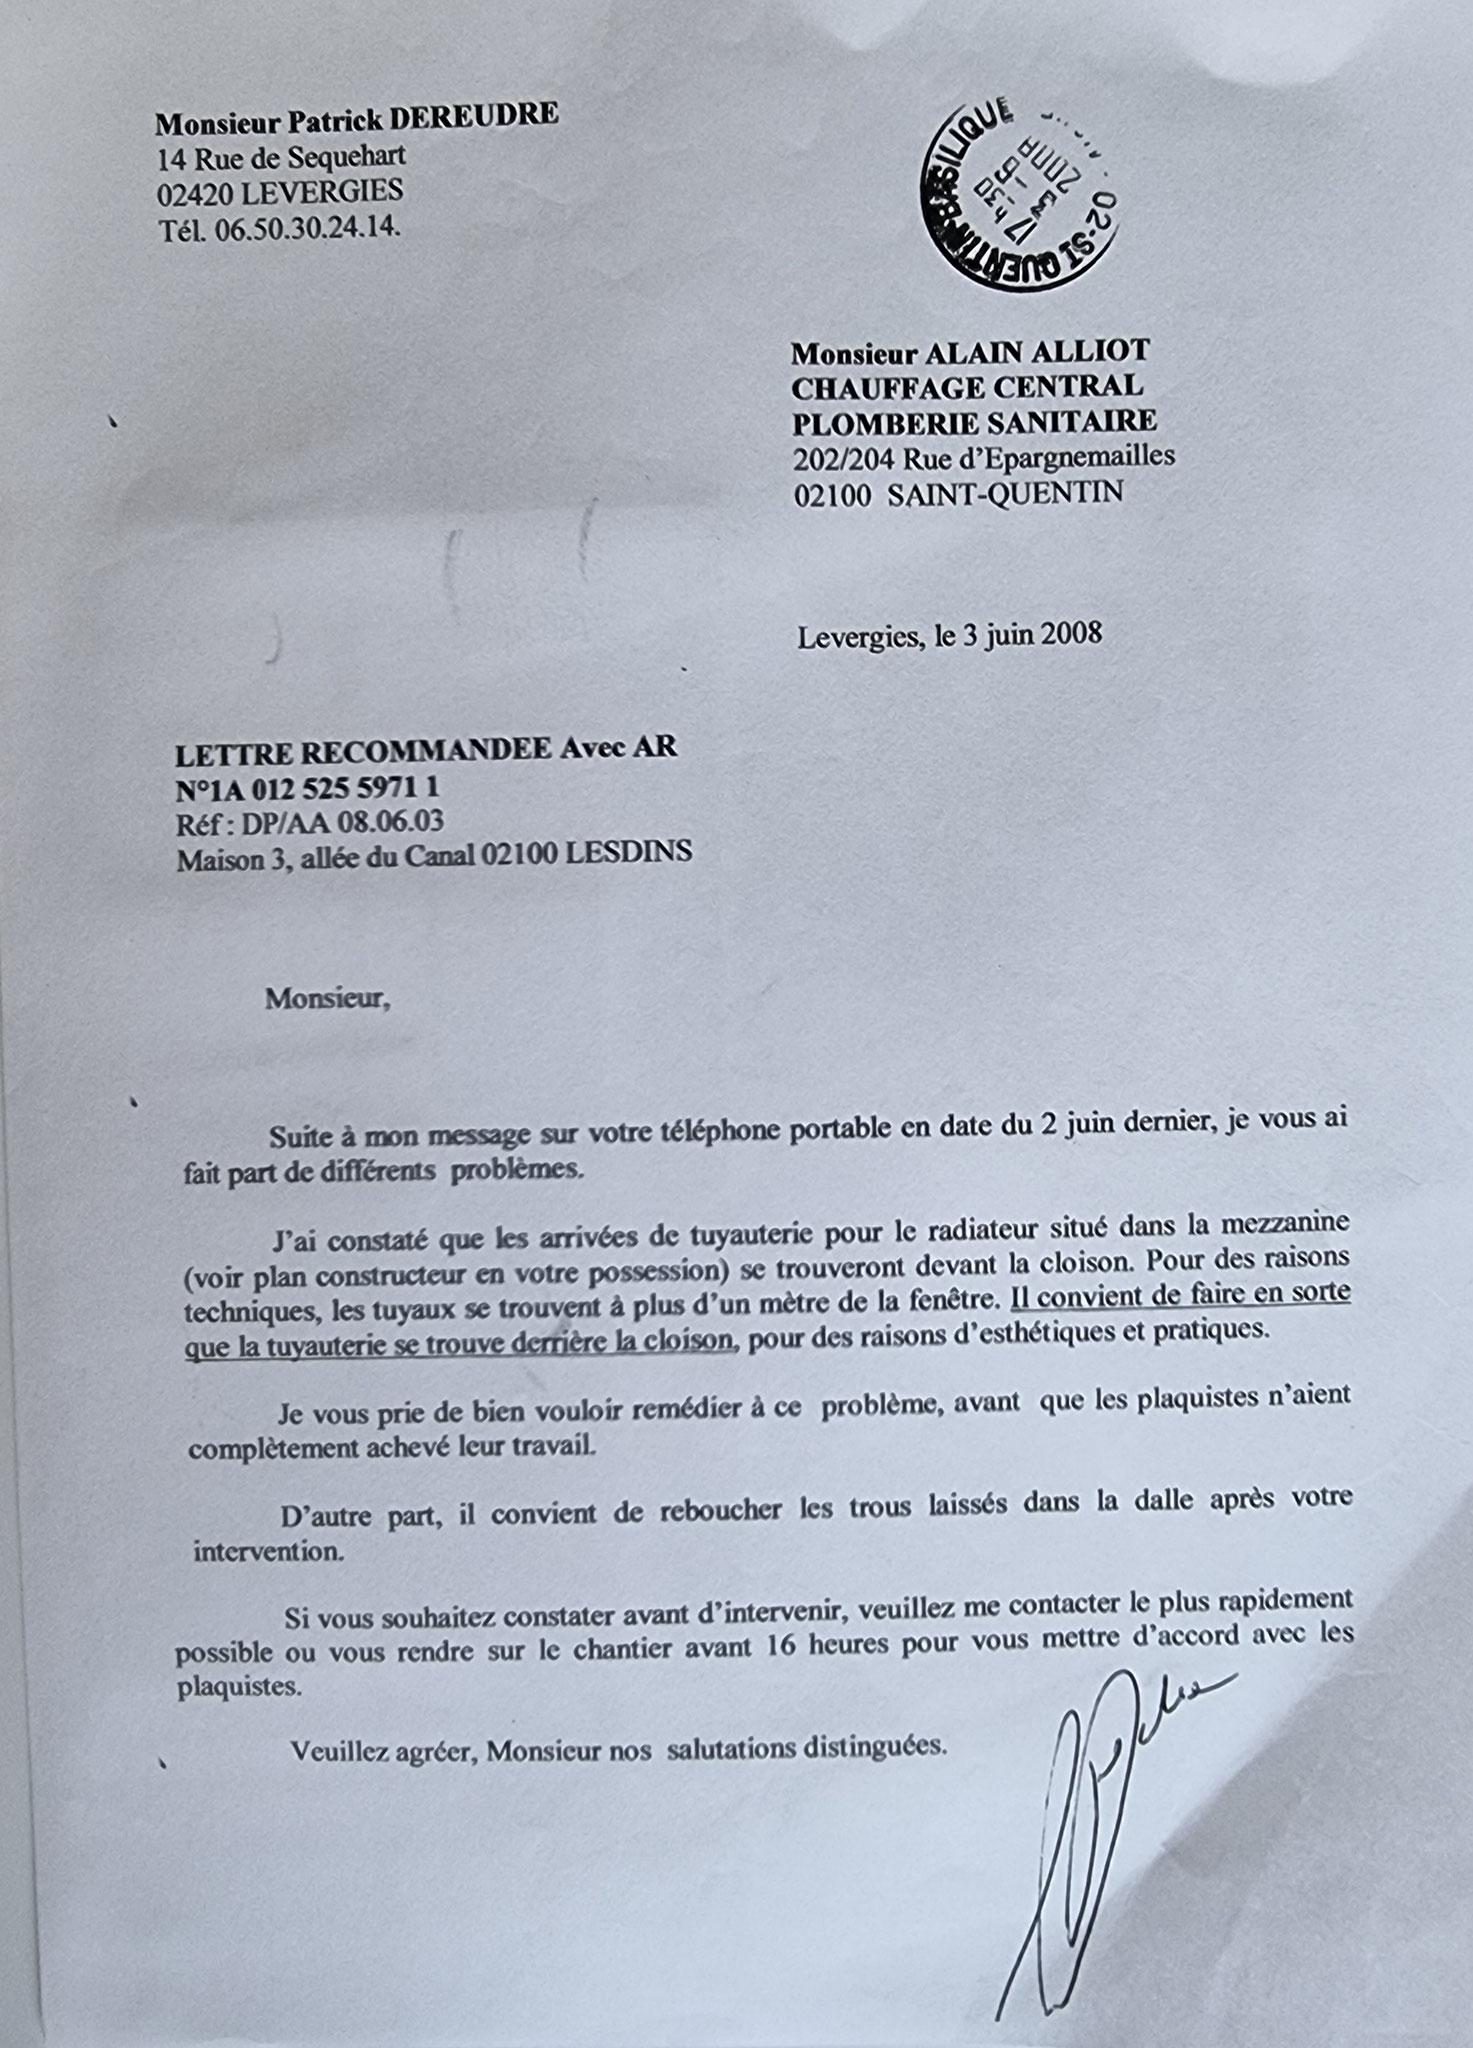 Le 03 Juin 2008 j'adresse une LRAR à Monsieur Alain ALLIOT.     INACCEPTABLE  BORDERLINE      EXPERTISES JUDICIAIRES ENTRE COPAINS...  www.jenesuispasunchien.fr www.jesuispatrick.fr www.jesuisvictime.fr